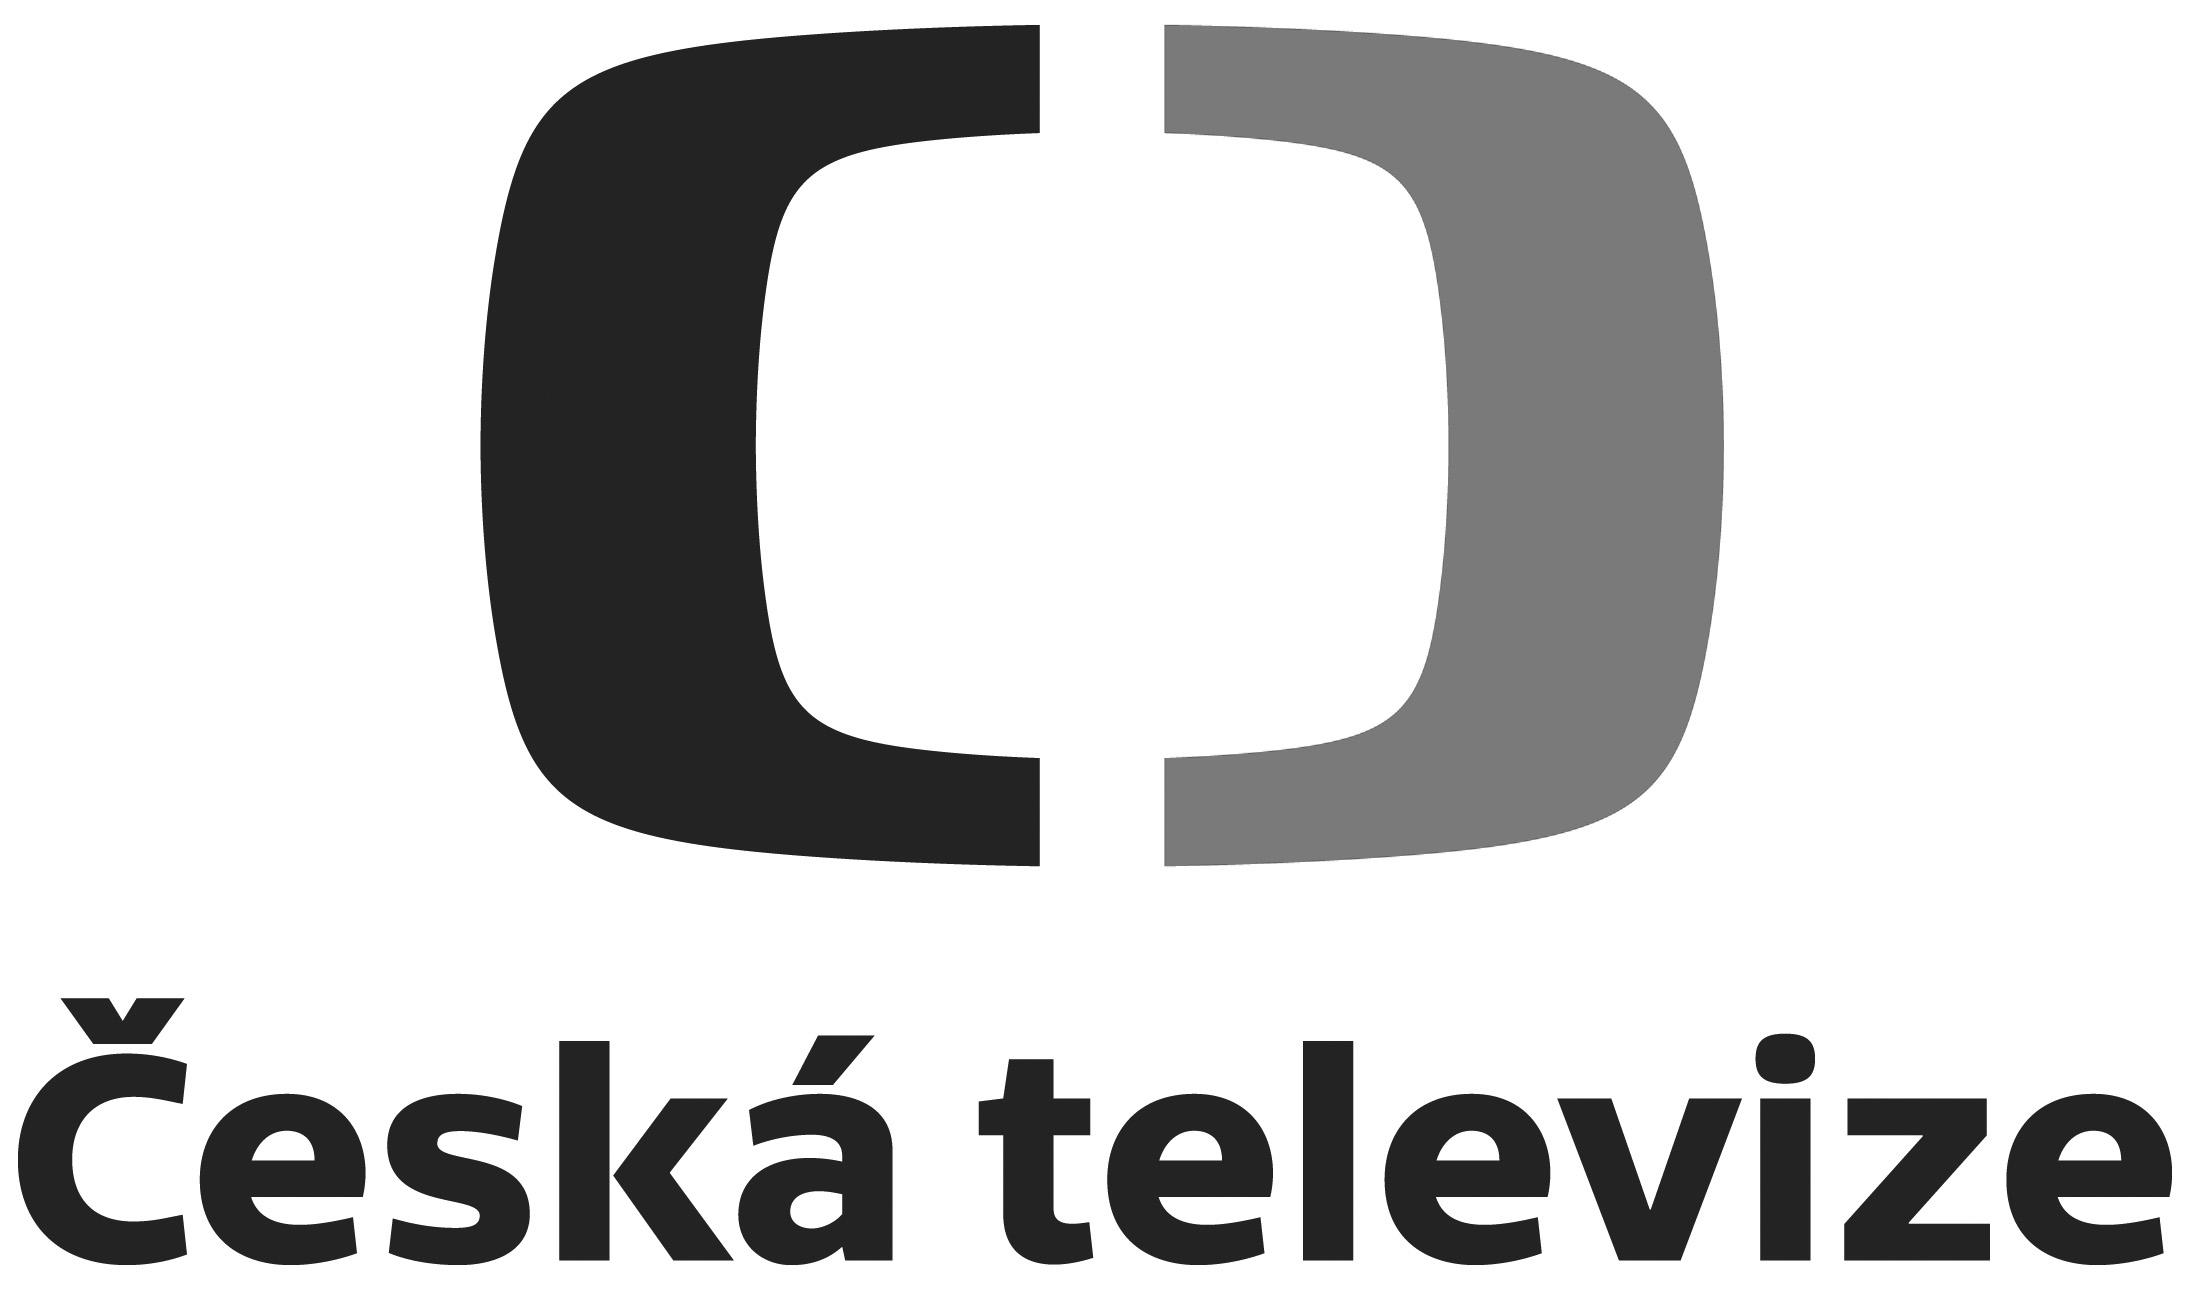 (Česky) ČESKÁ TELEVIZE